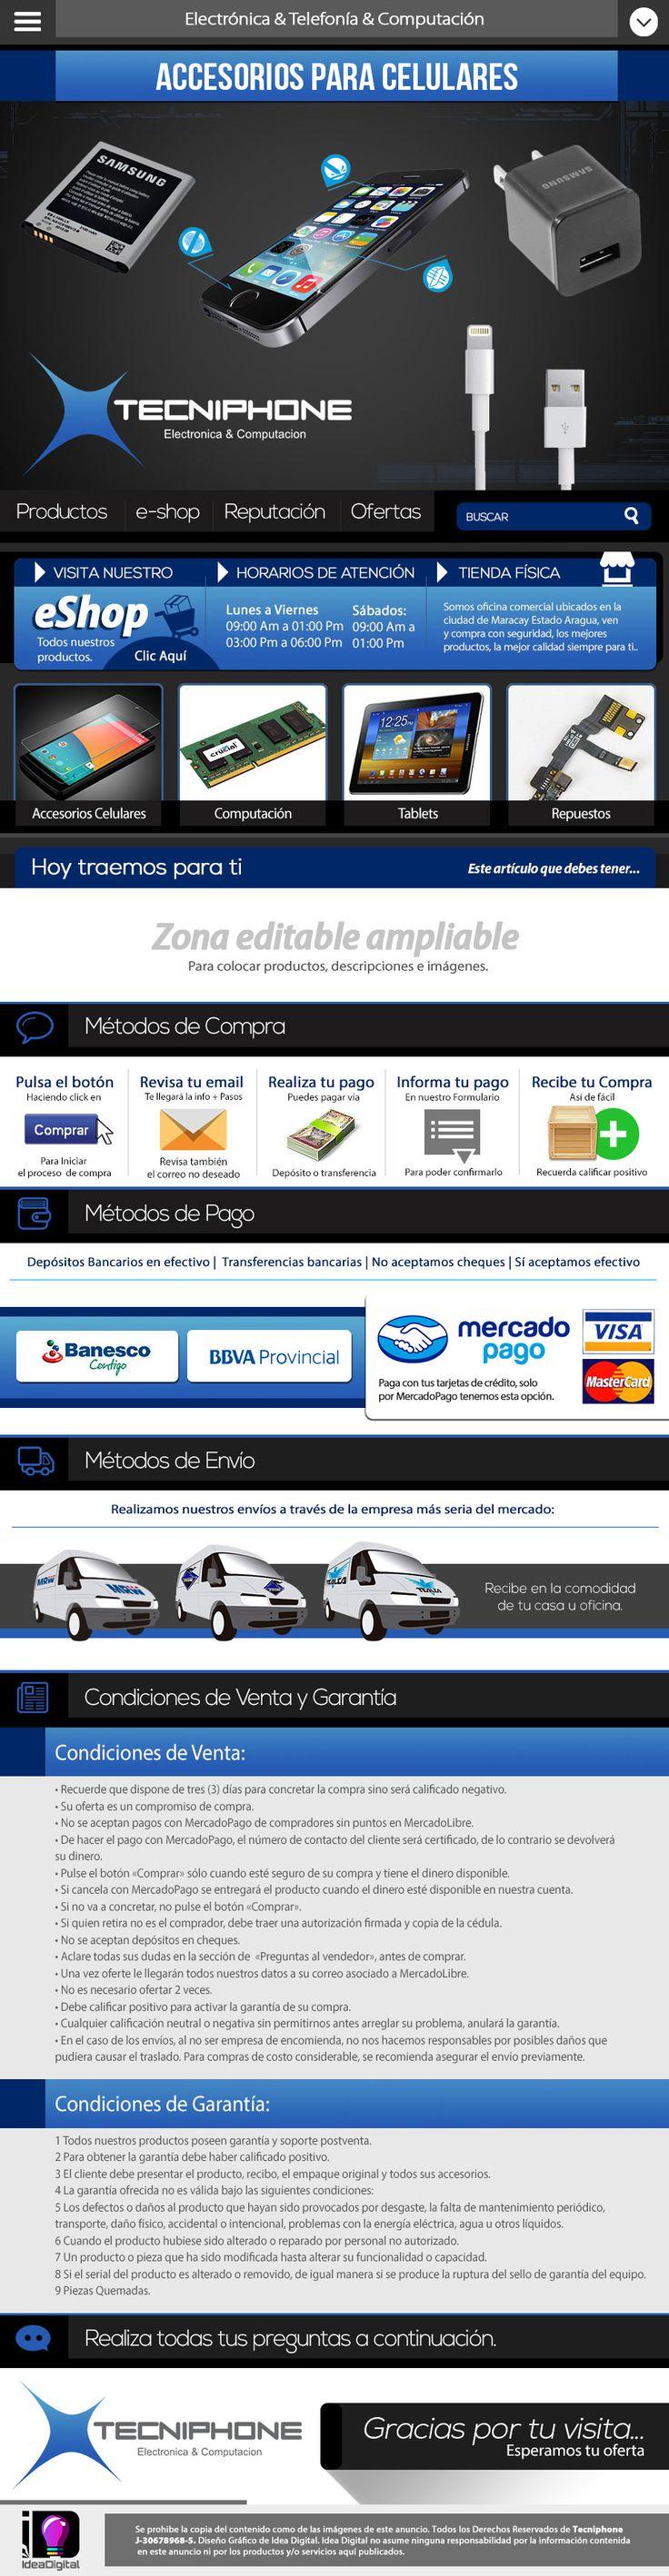 Idea Digital Diseño Páginas Web en Venezuela Plantillas Mercadolibre   Plantilla Editable Mercadolibre Tecniphone 2014